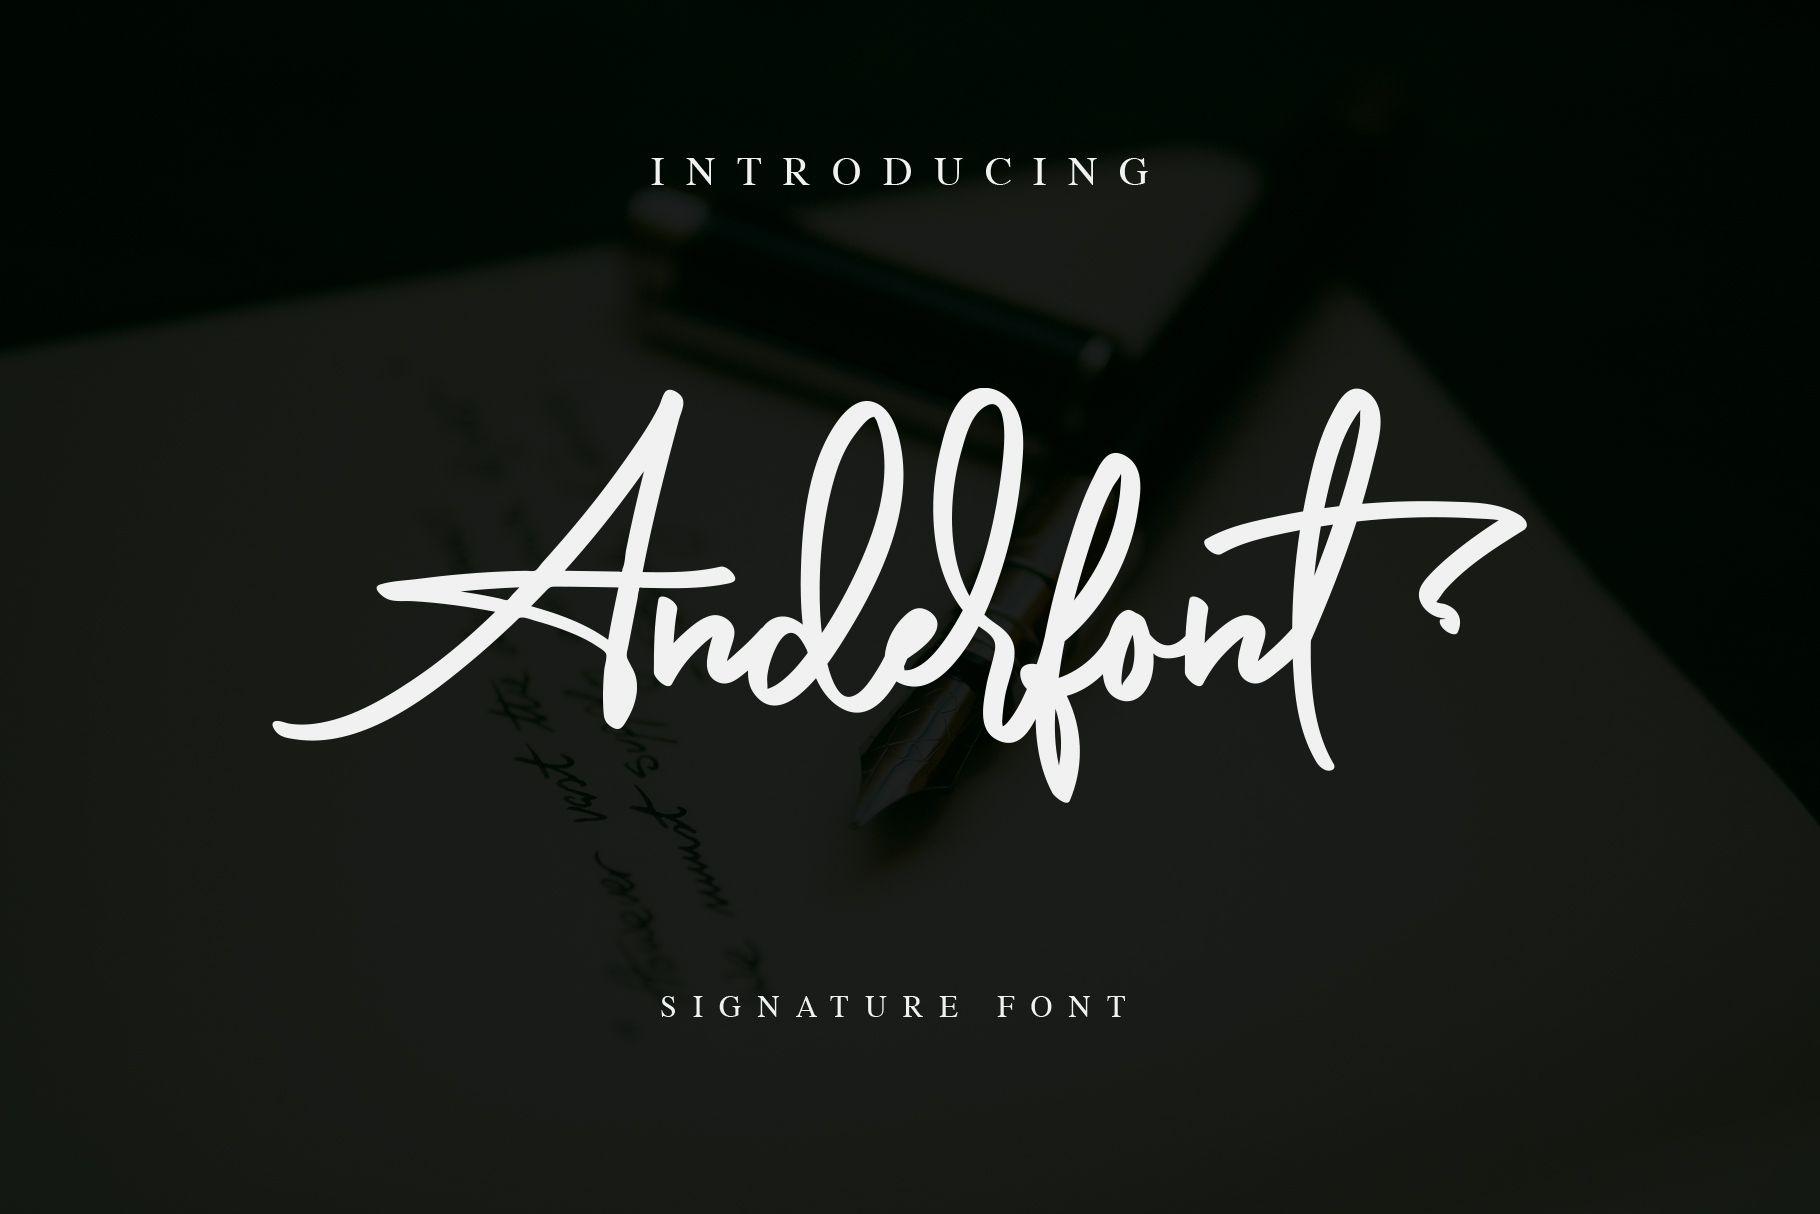 Anderfont a Signature Font Signature fonts